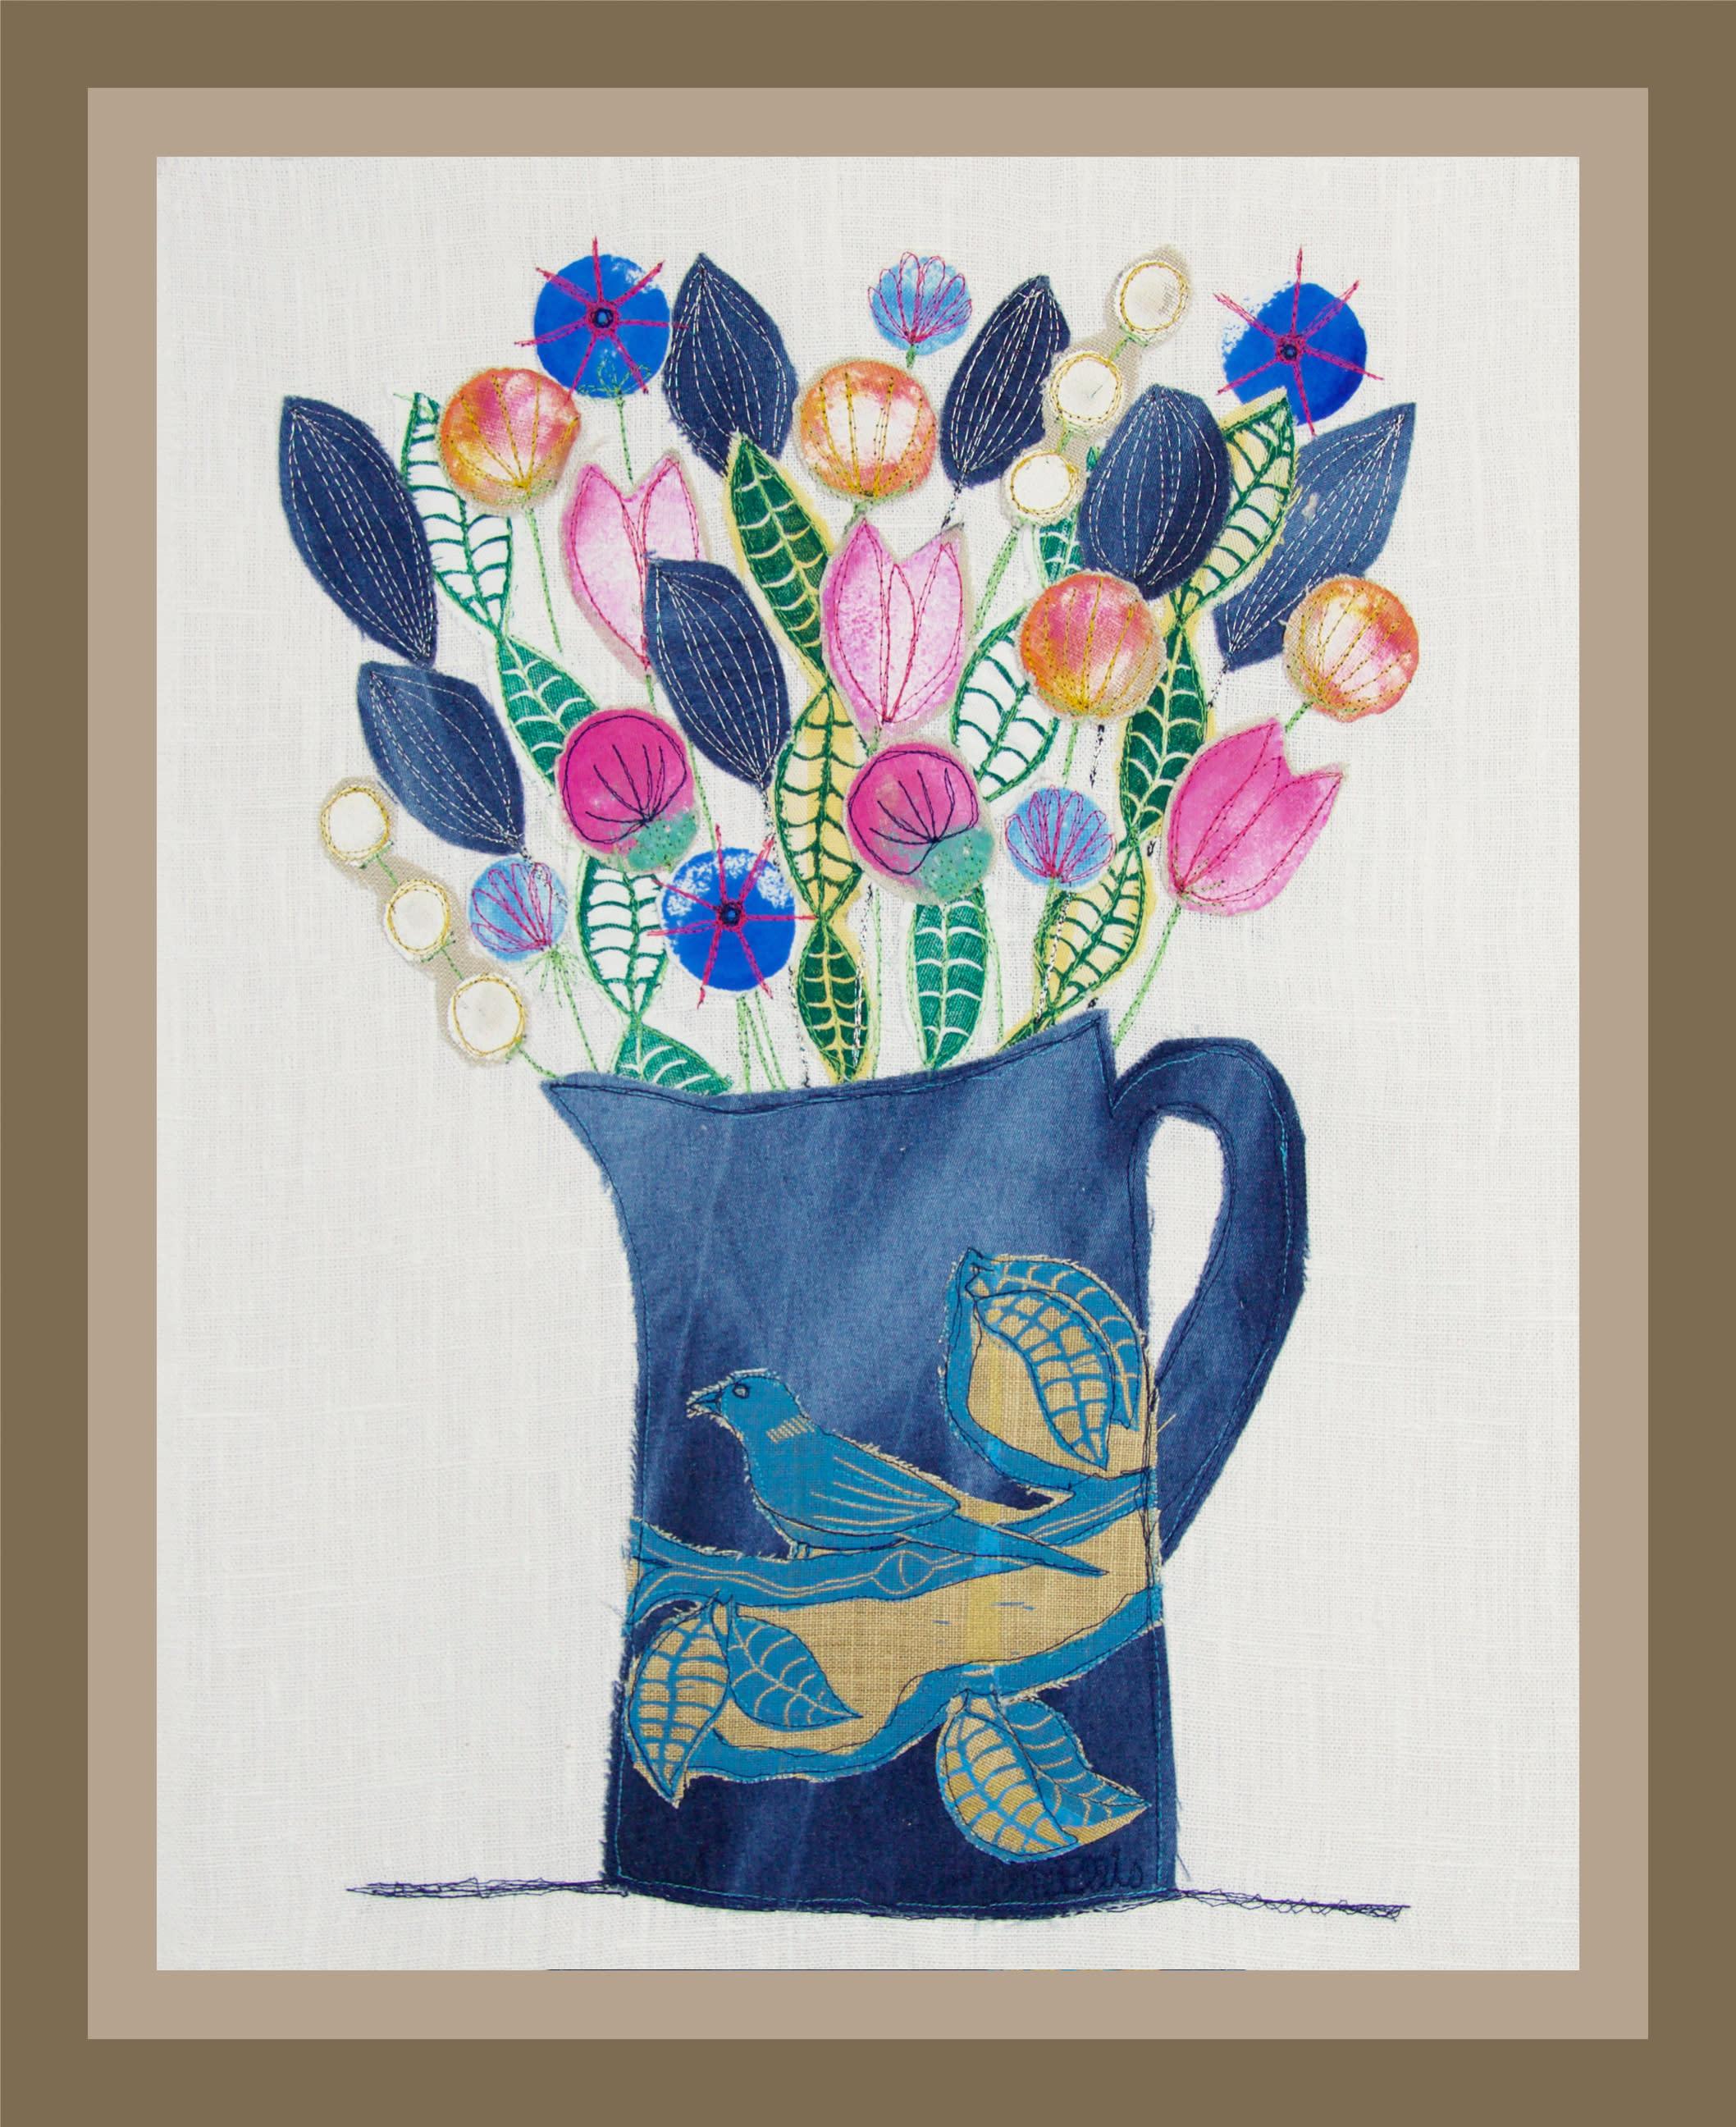 Collage blue jug sm framed stcnzi